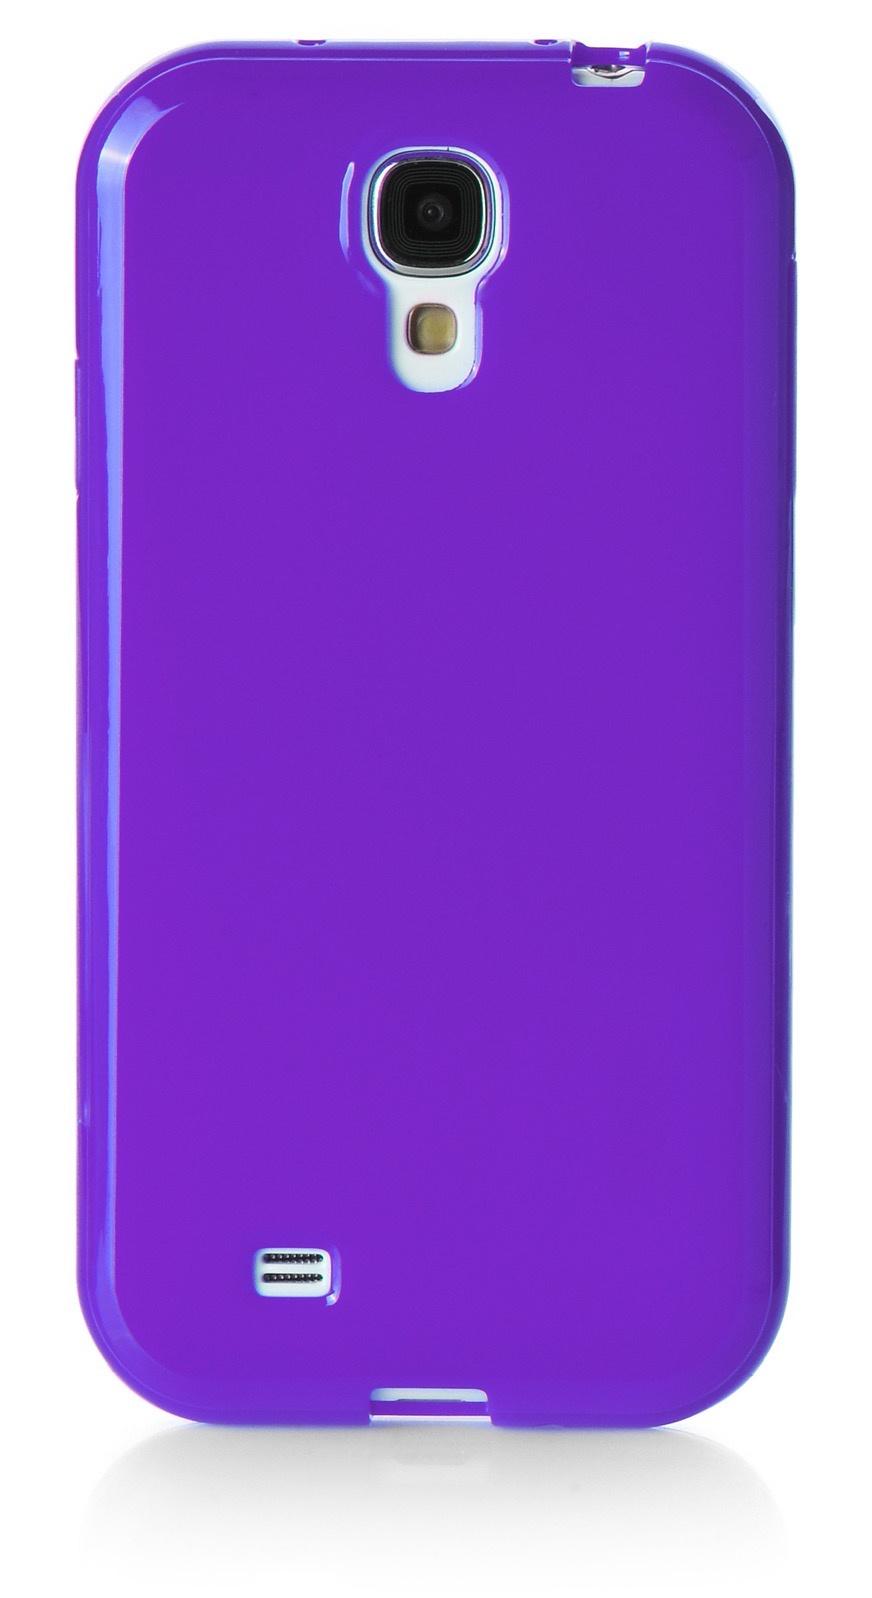 Чехол для сотового телефона iNeez накладка силикон мыльница 480081 для Samsung Galaxy S4 mini, фиолетовый